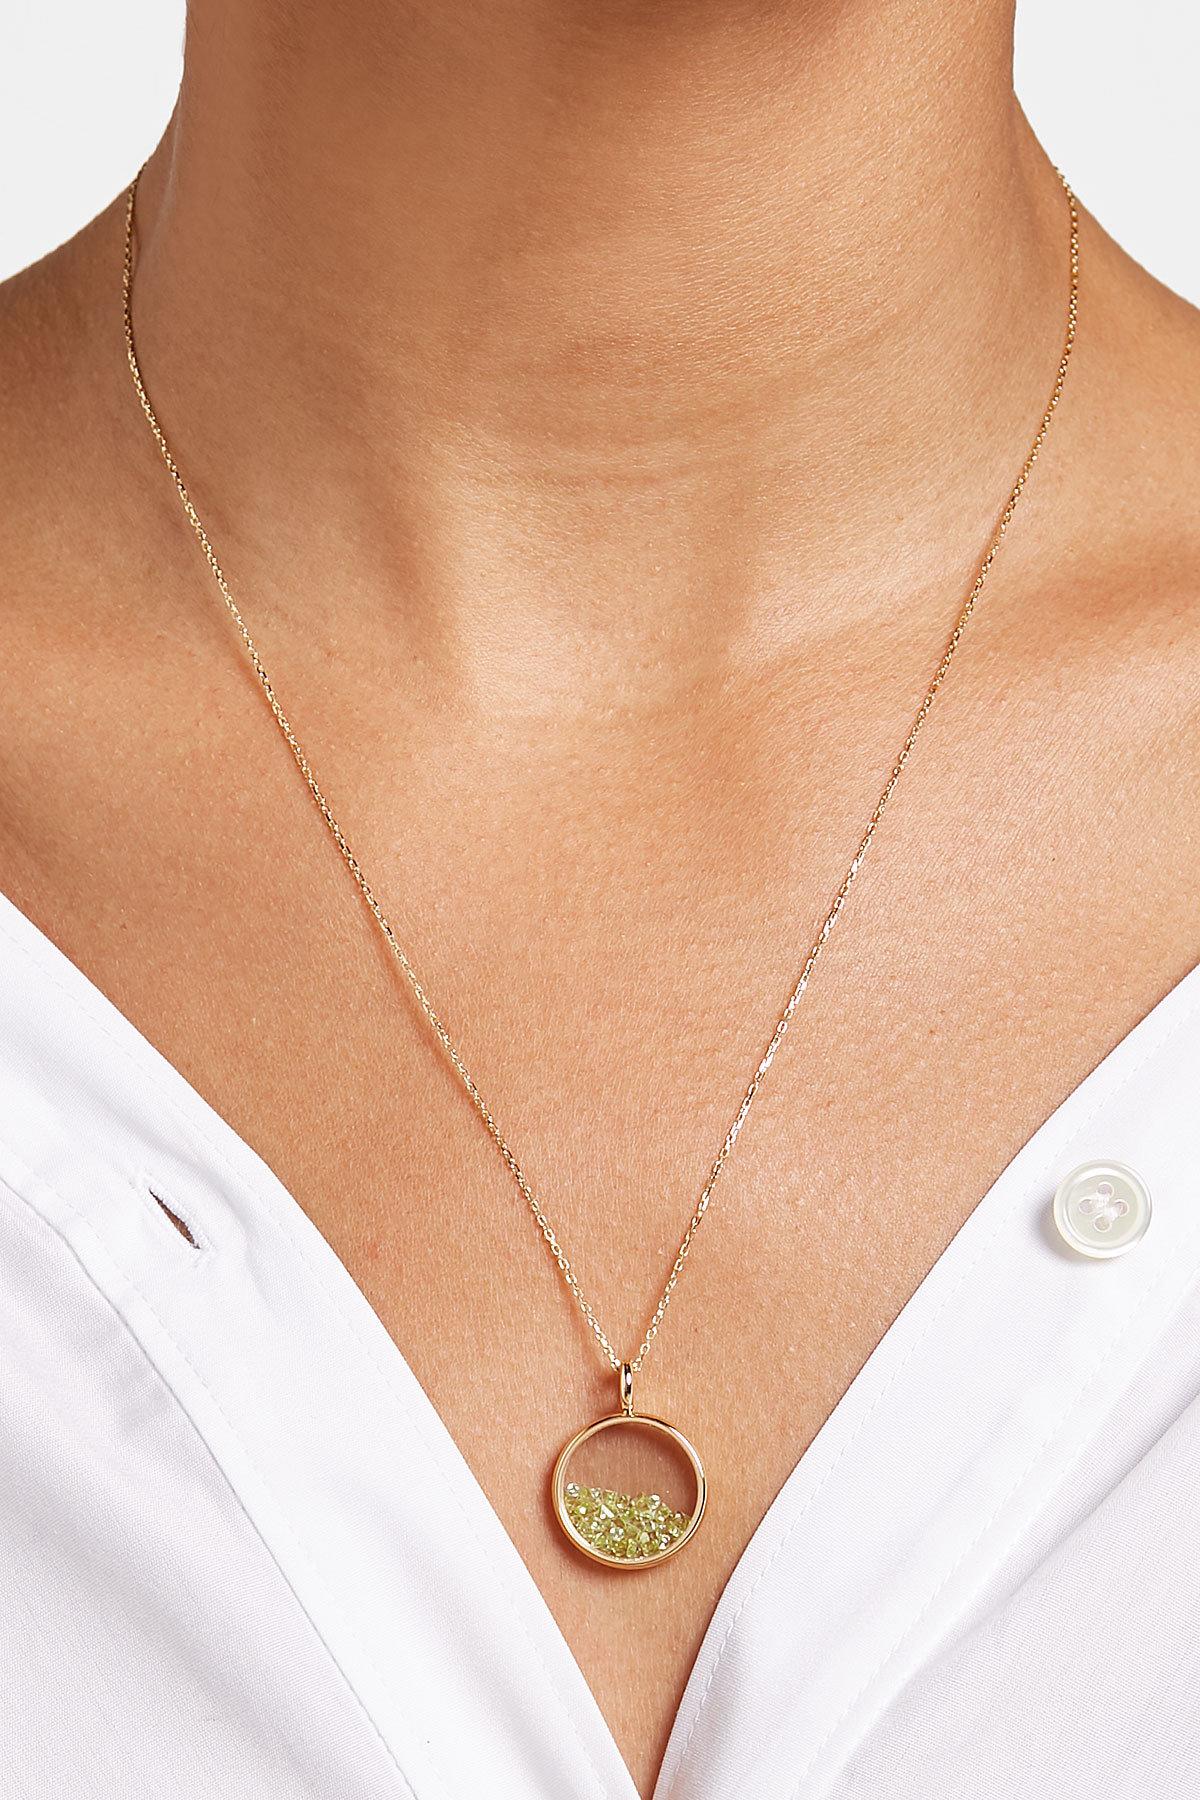 تسوقي مجوهرات بريدوت المرفقة لمولودات شهر اغسطس